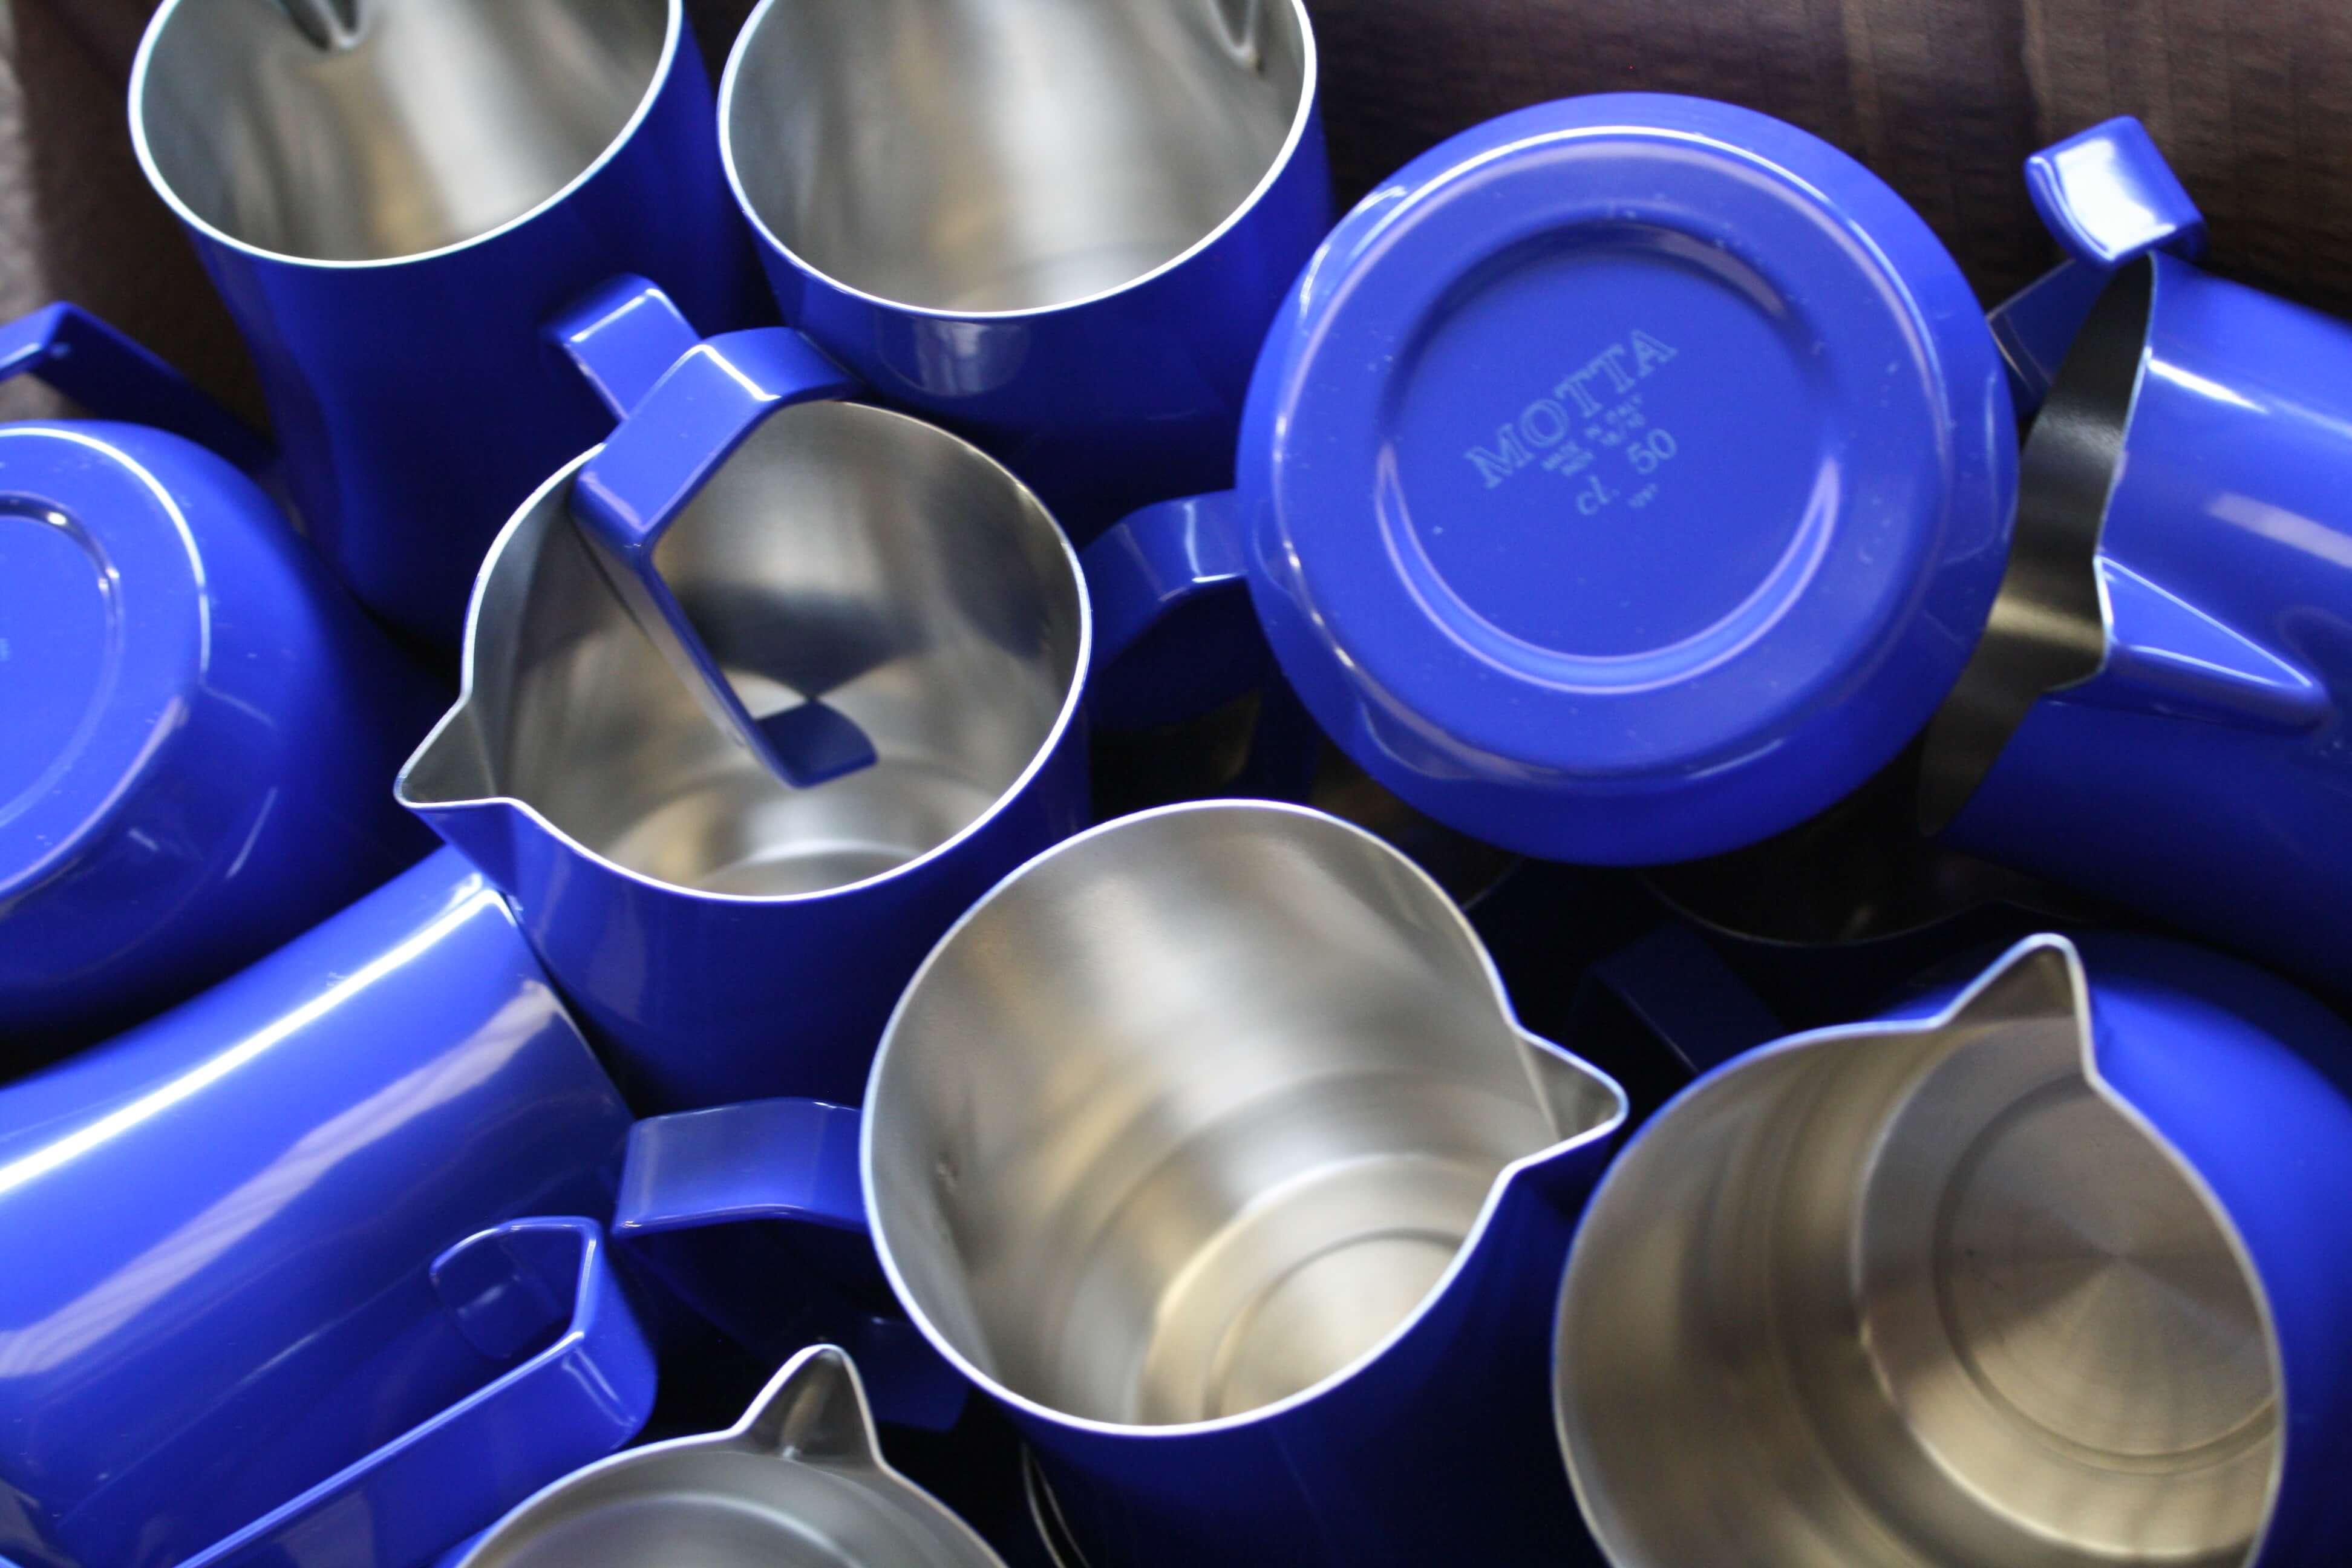 Motta-Milchkanne-Europa-Professionale-blau